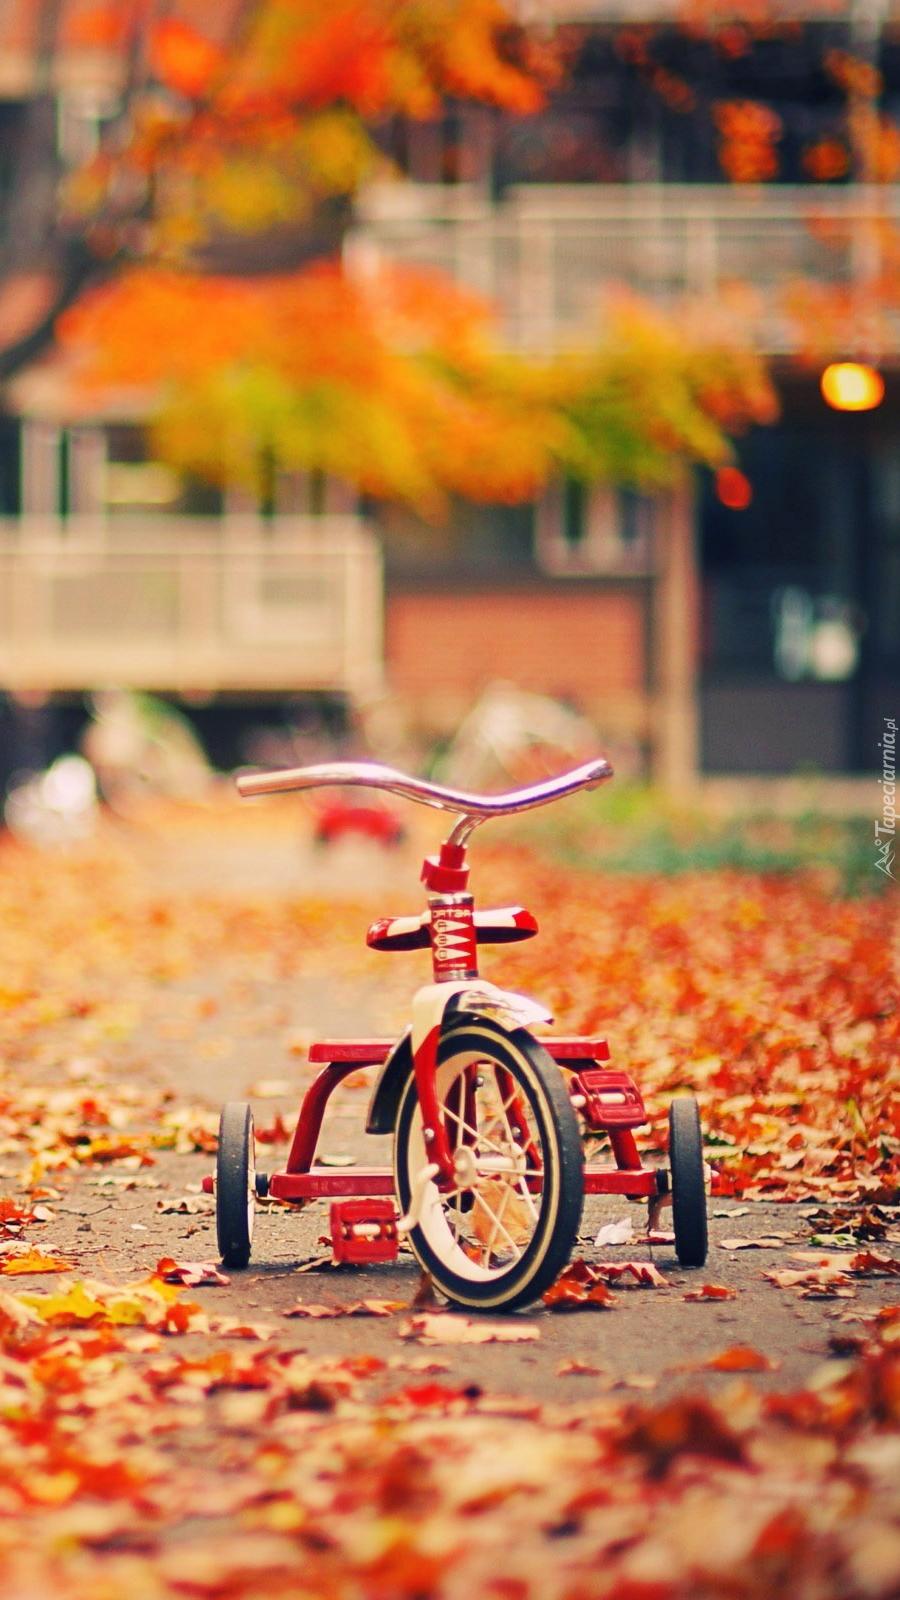 Rowerek w parku jesienną porą